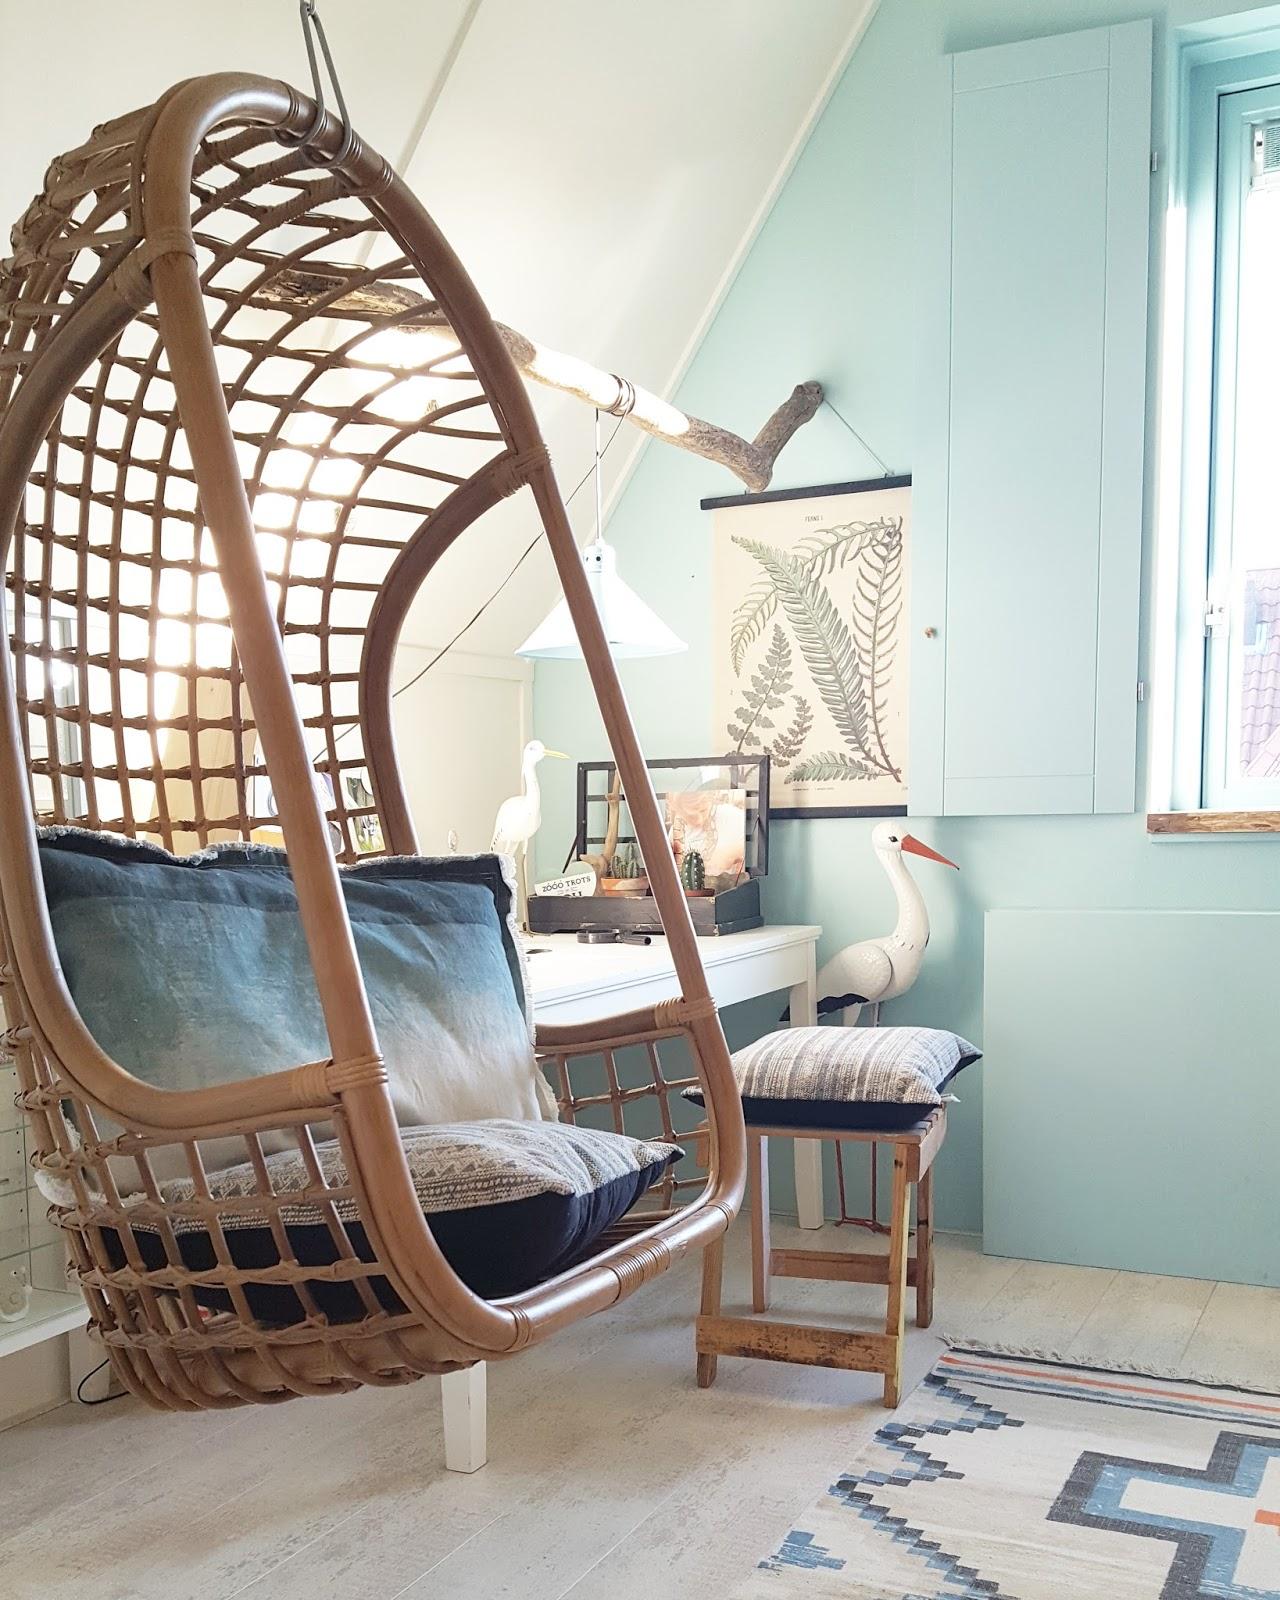 Hangstoel Rotan Buiten.Hangstoel Rotan Gallery Of Excellent Hangstoel Bamboerotan Aan Touw